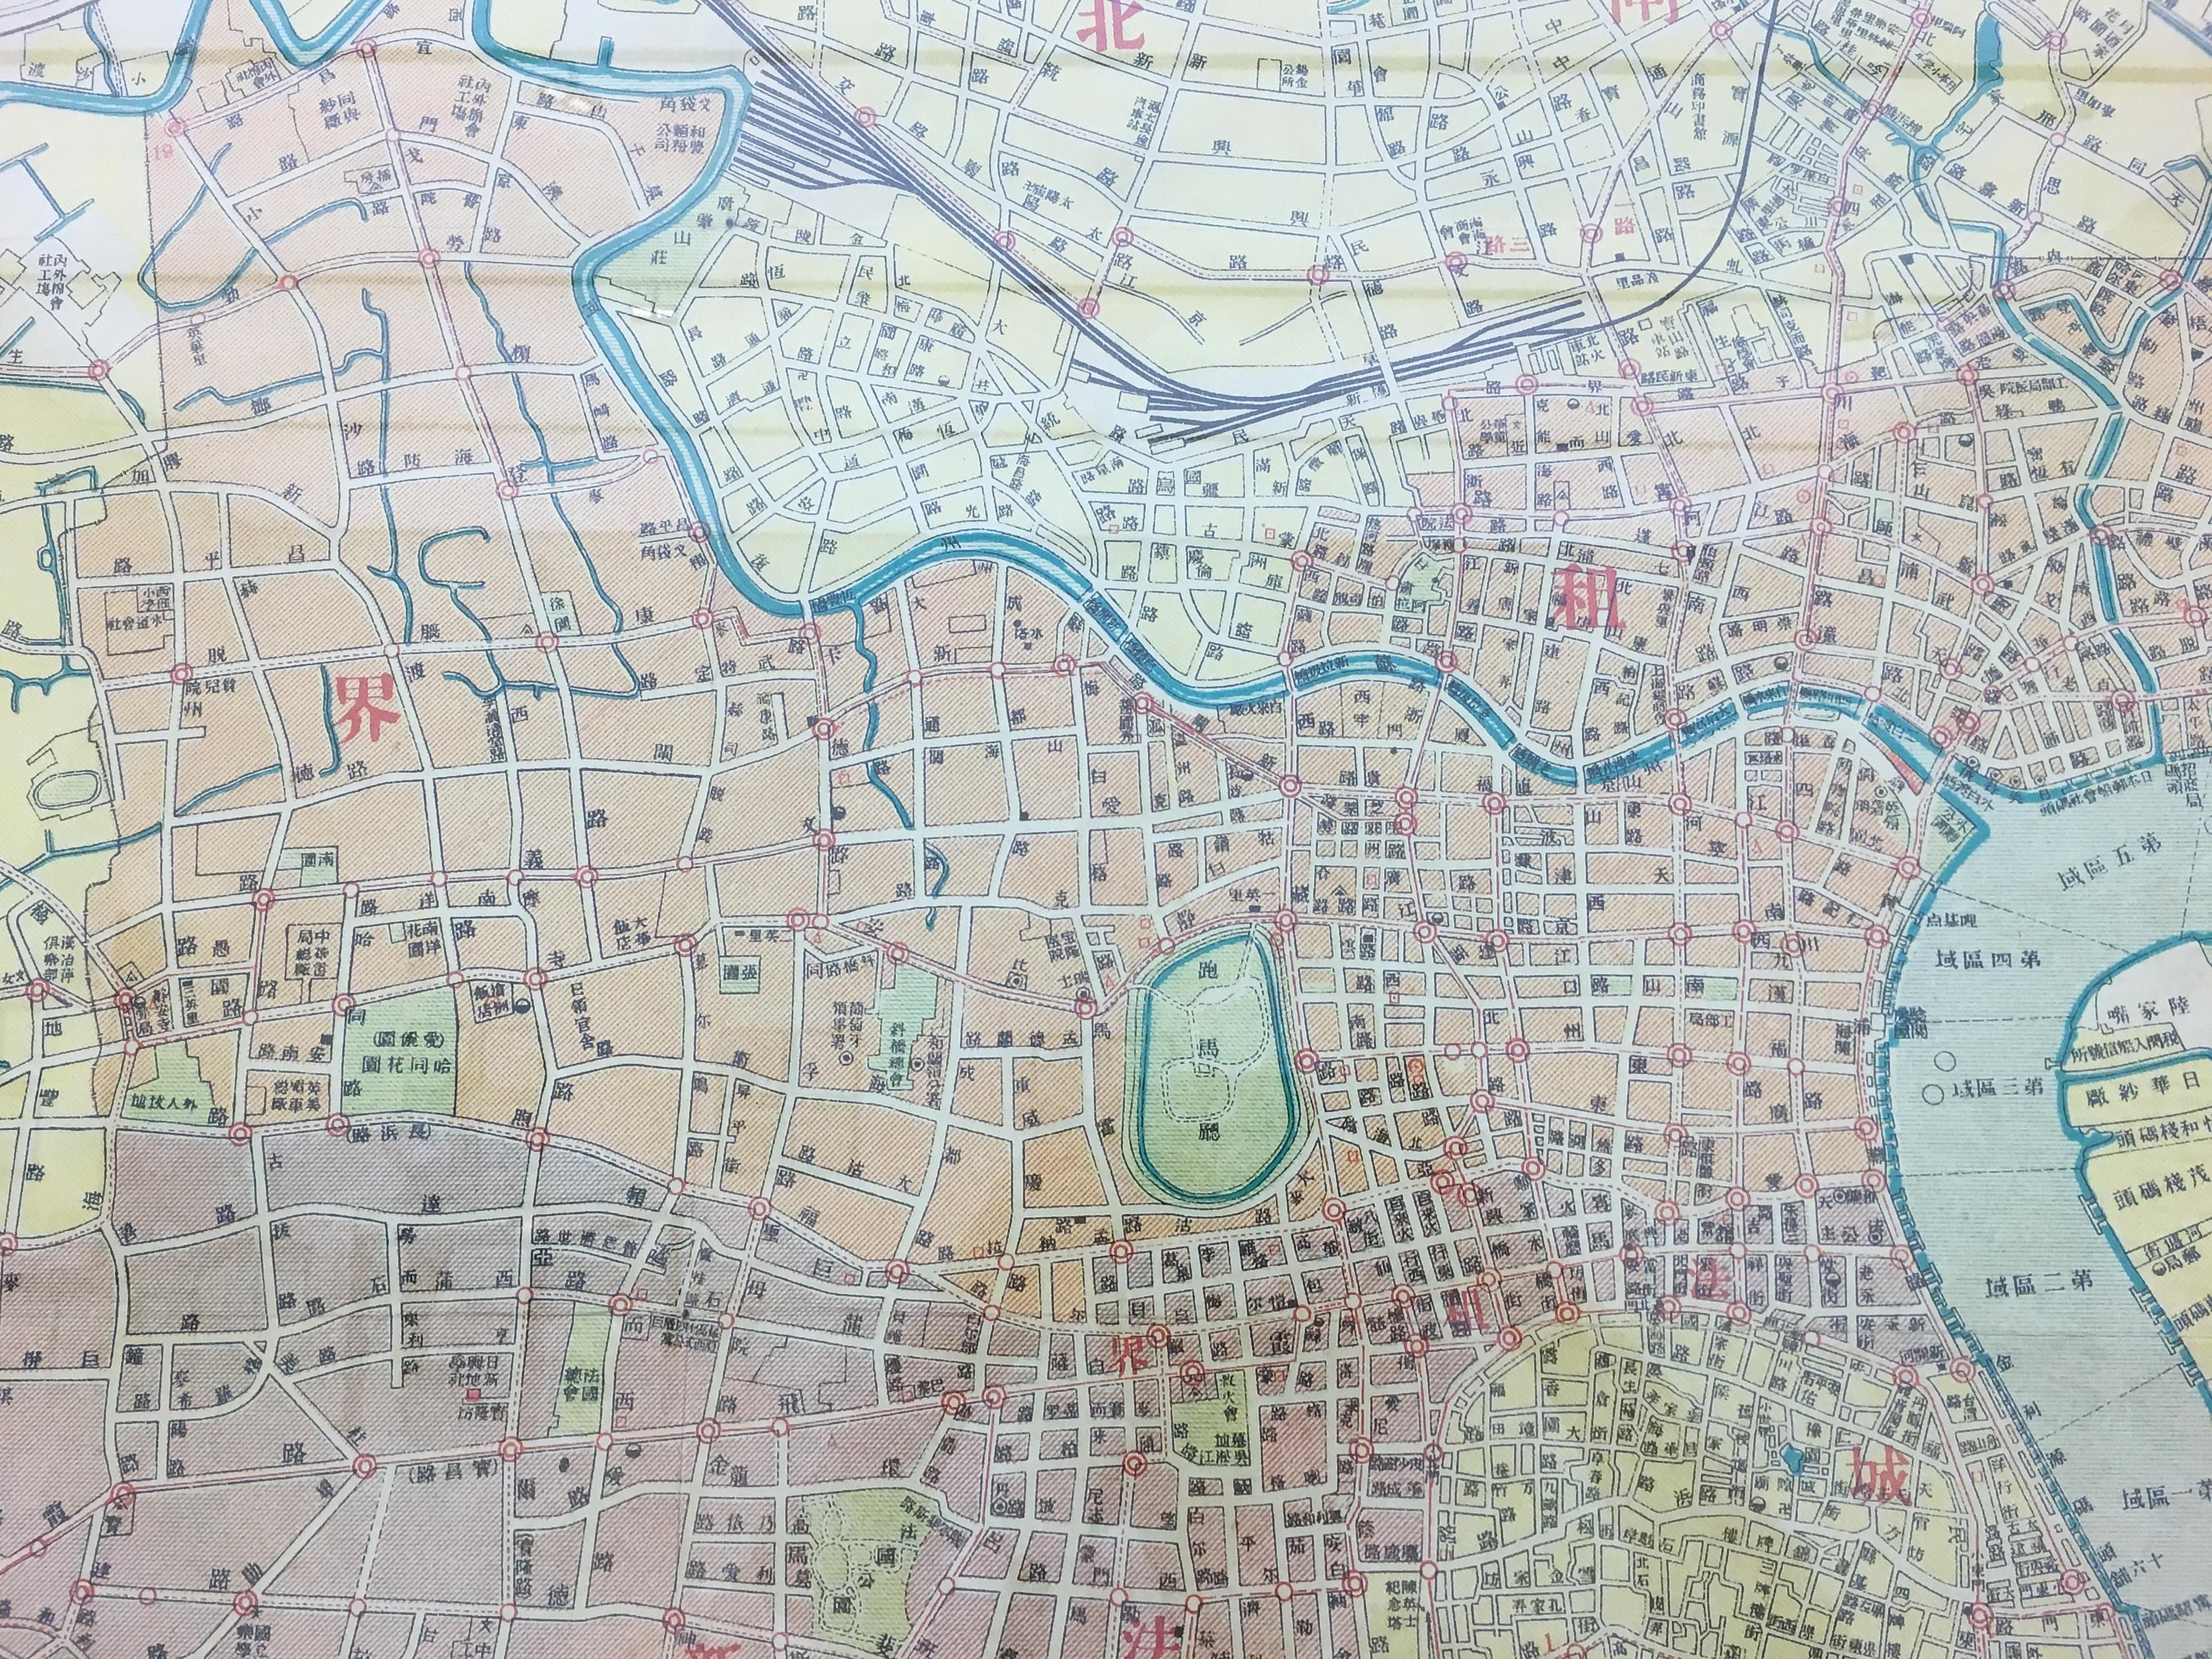 上海艺术手绘地图